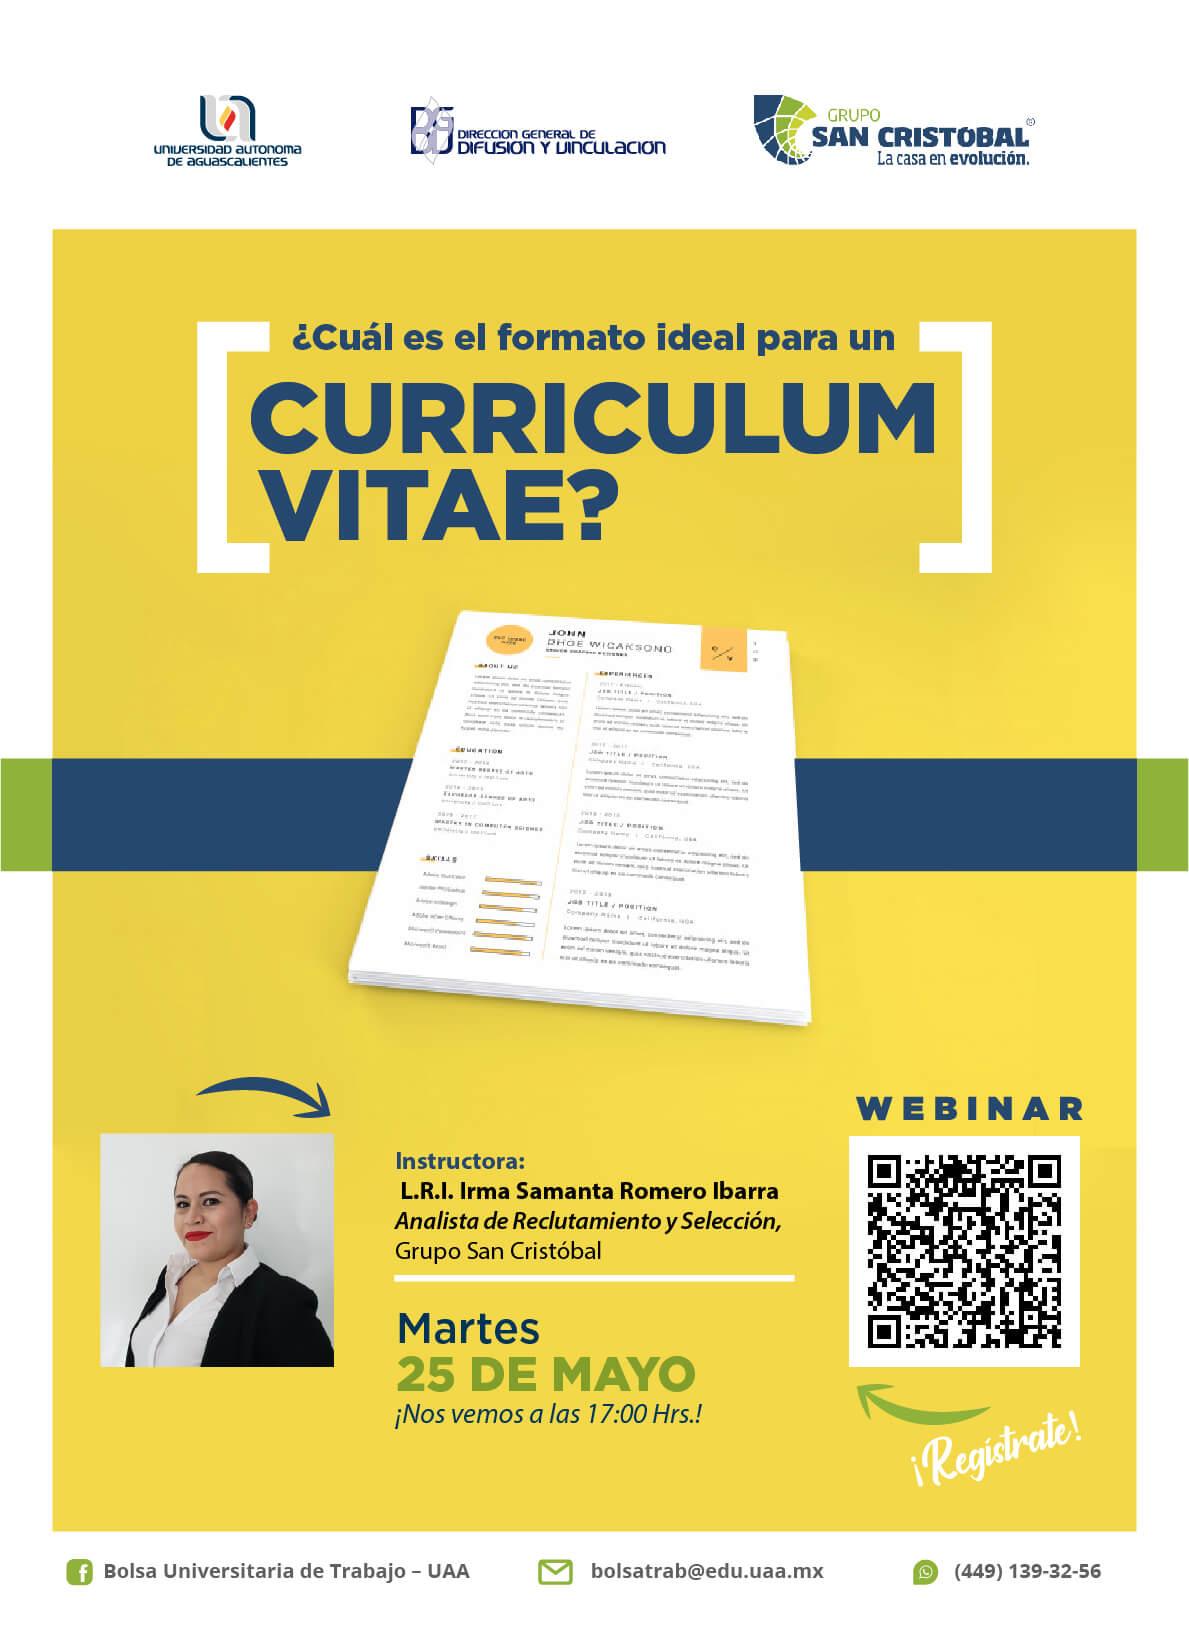 Webinar: ¿Cuál es el formato ideal para un currículum vitae?